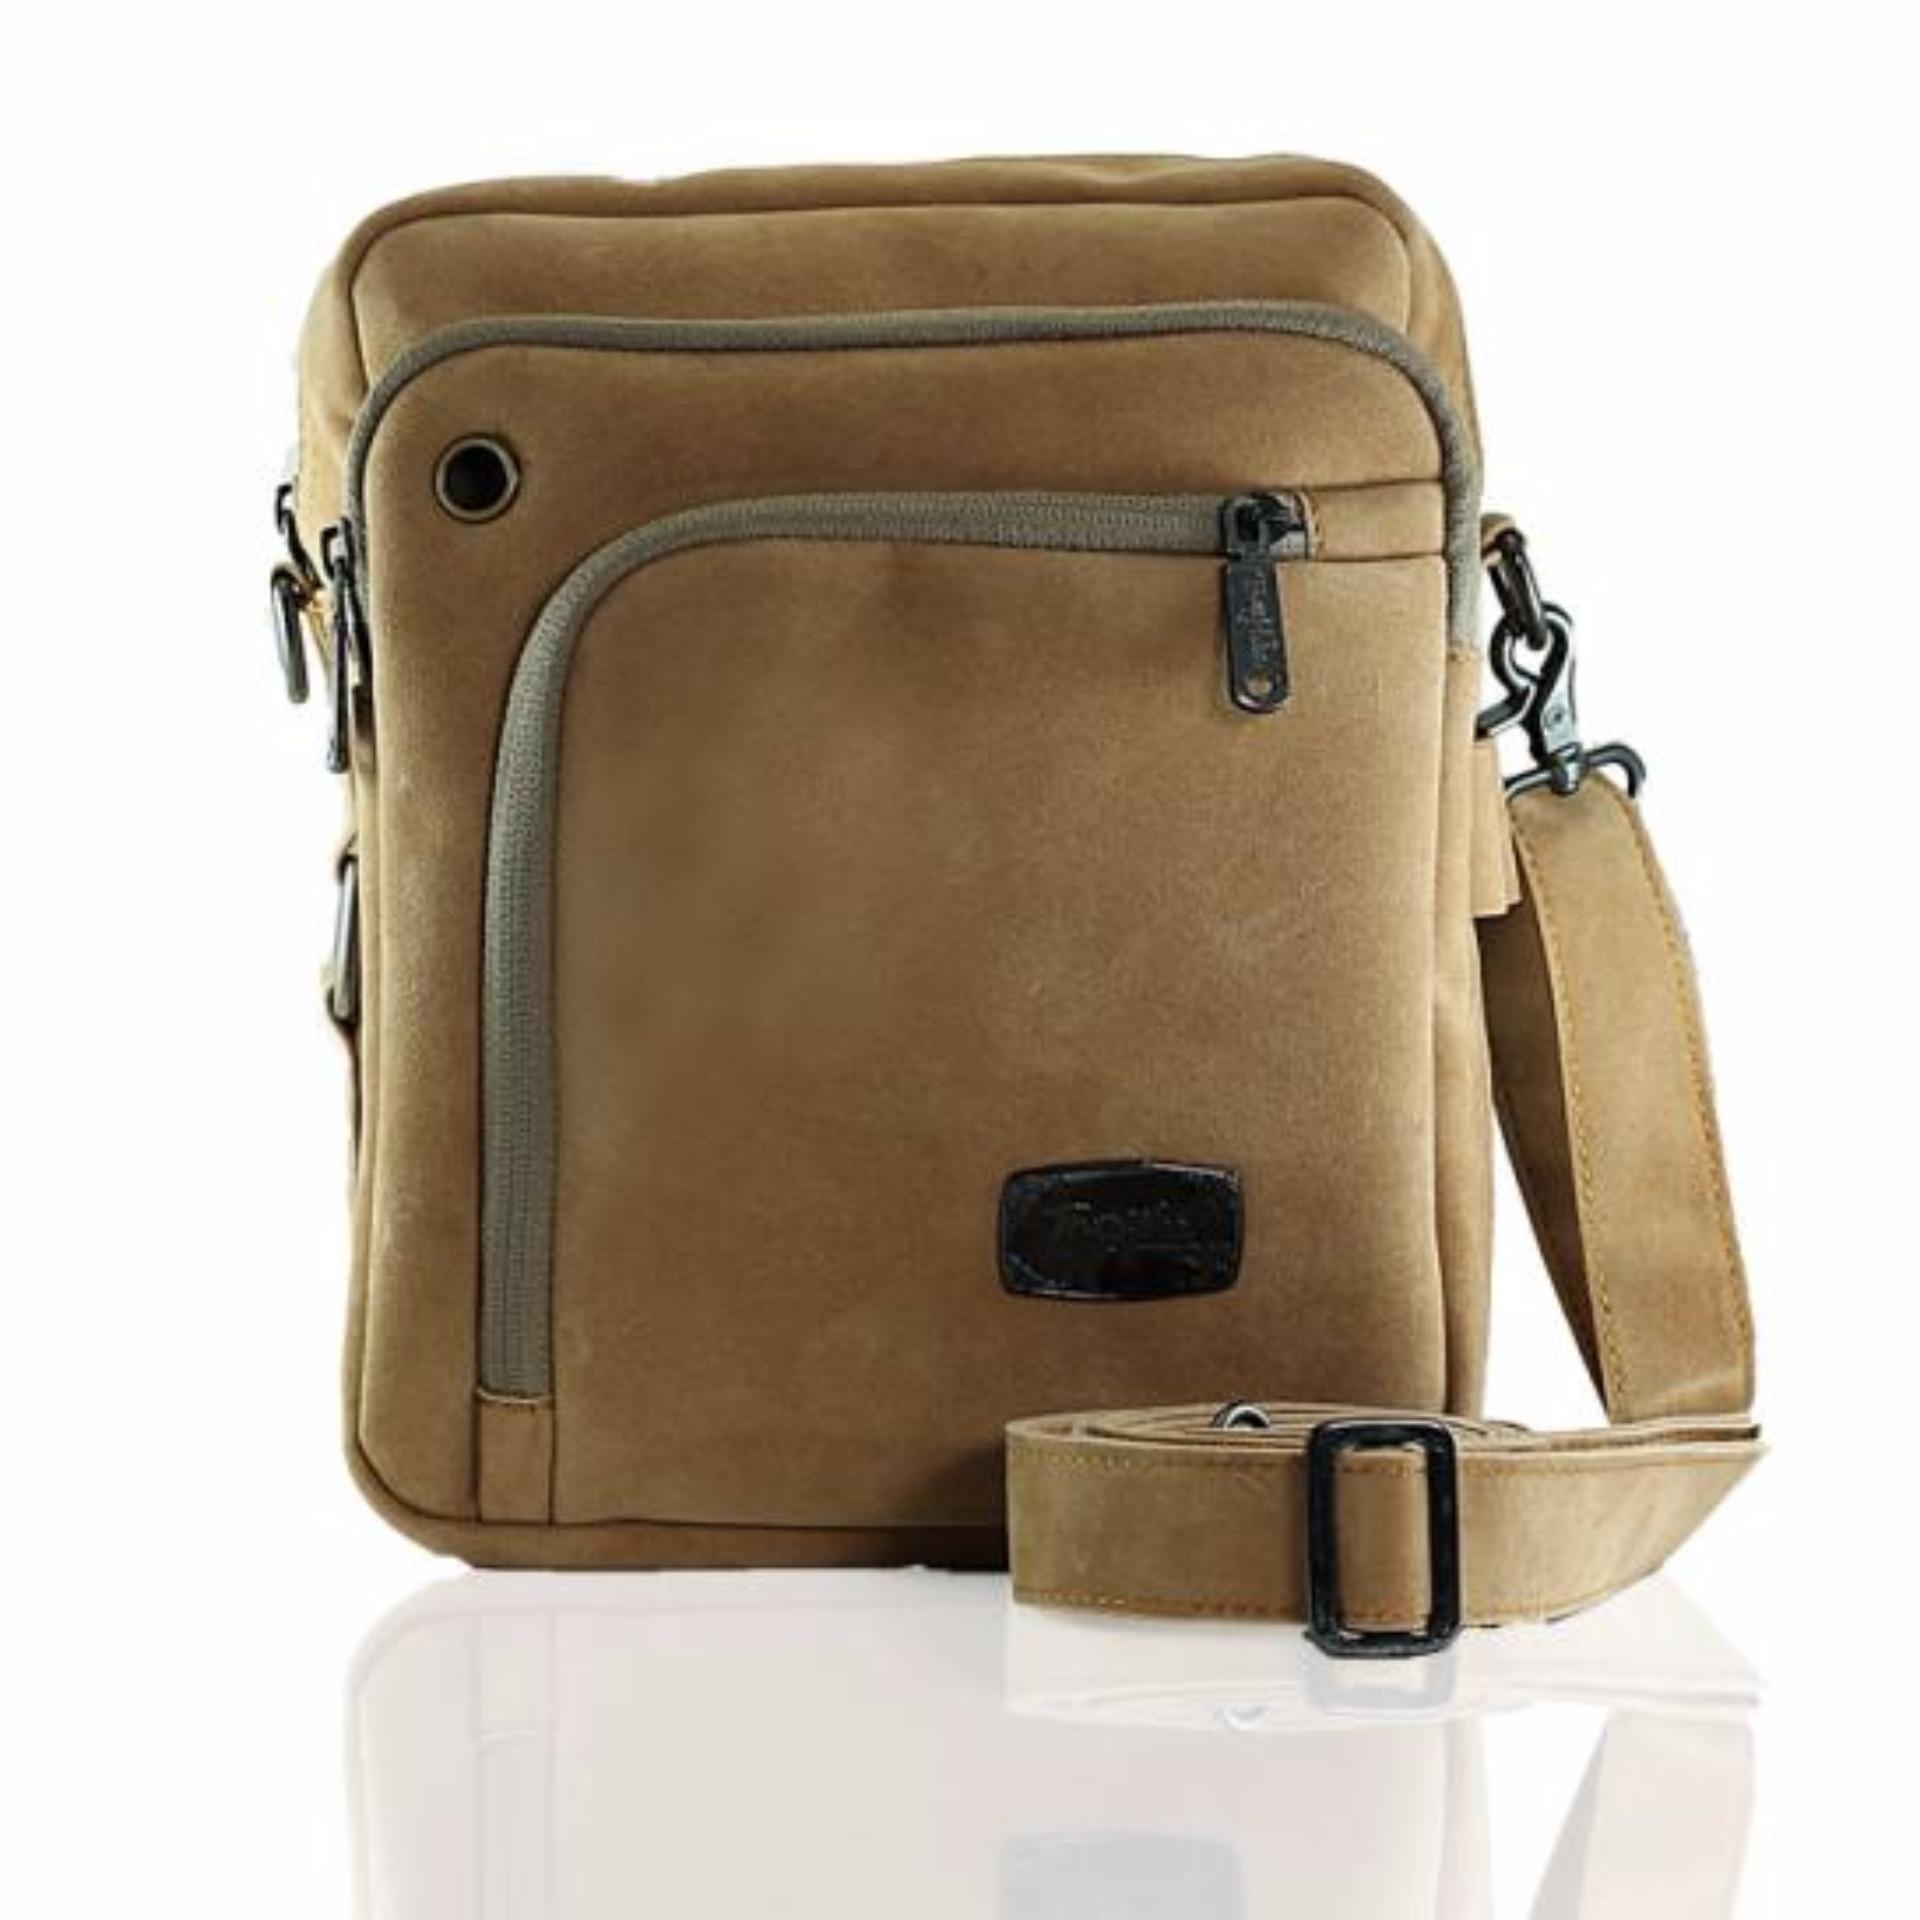 Uncle Star Men Canvas Vintage Messenger Practical Multi Pocket Tool Source · Tas Selempang Pria Trojika T MAN Damaskus Tas Travel Bags Trojika T MAN